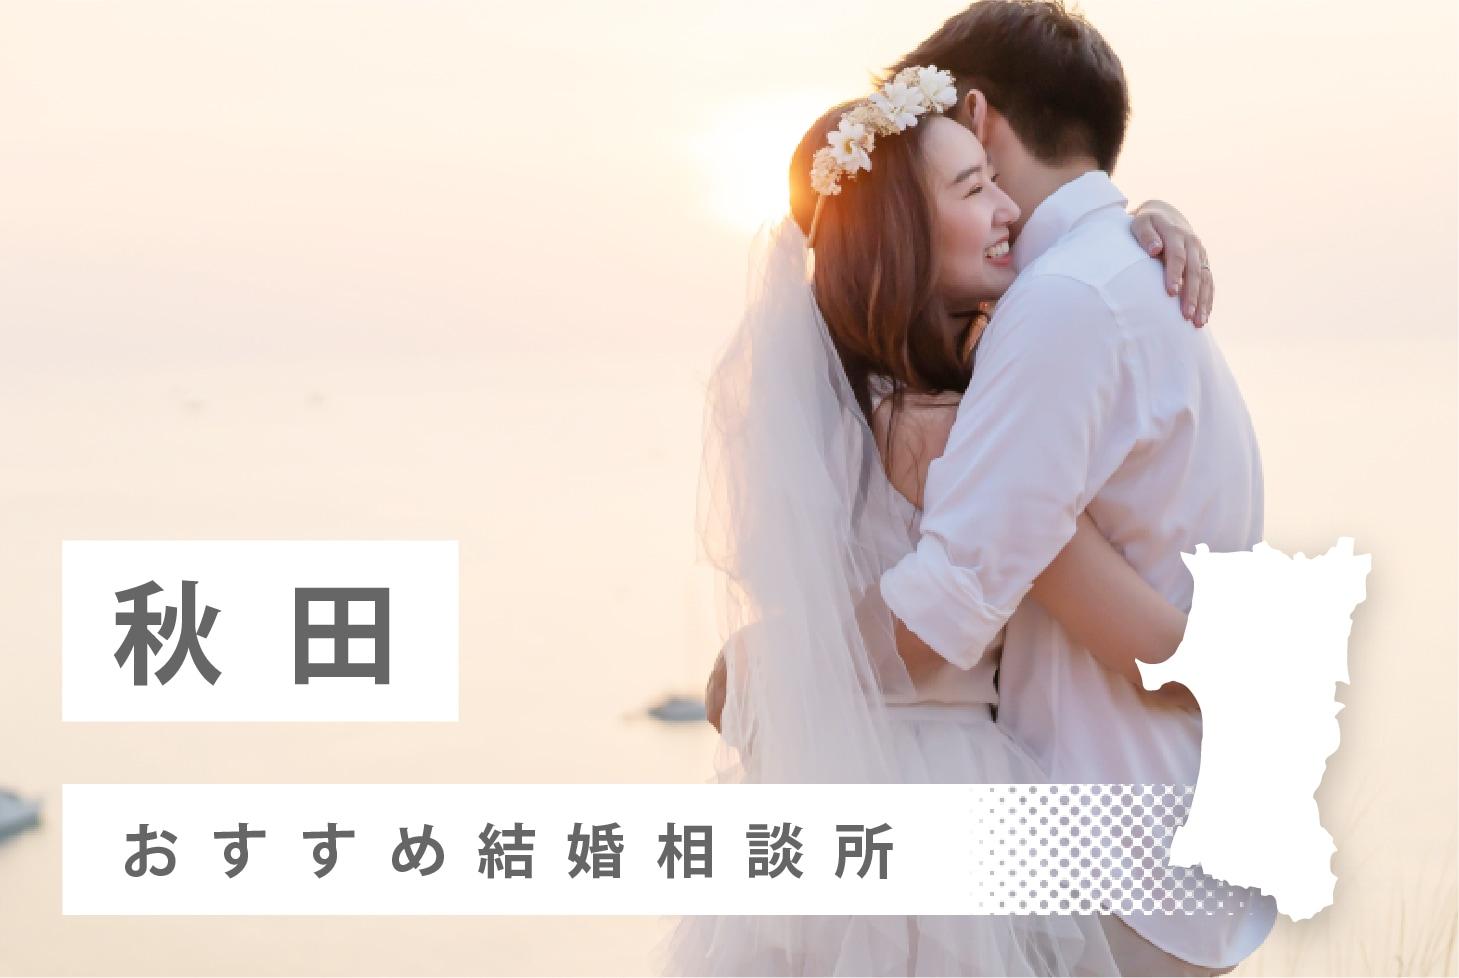 秋田県でおすすめな結婚相談所